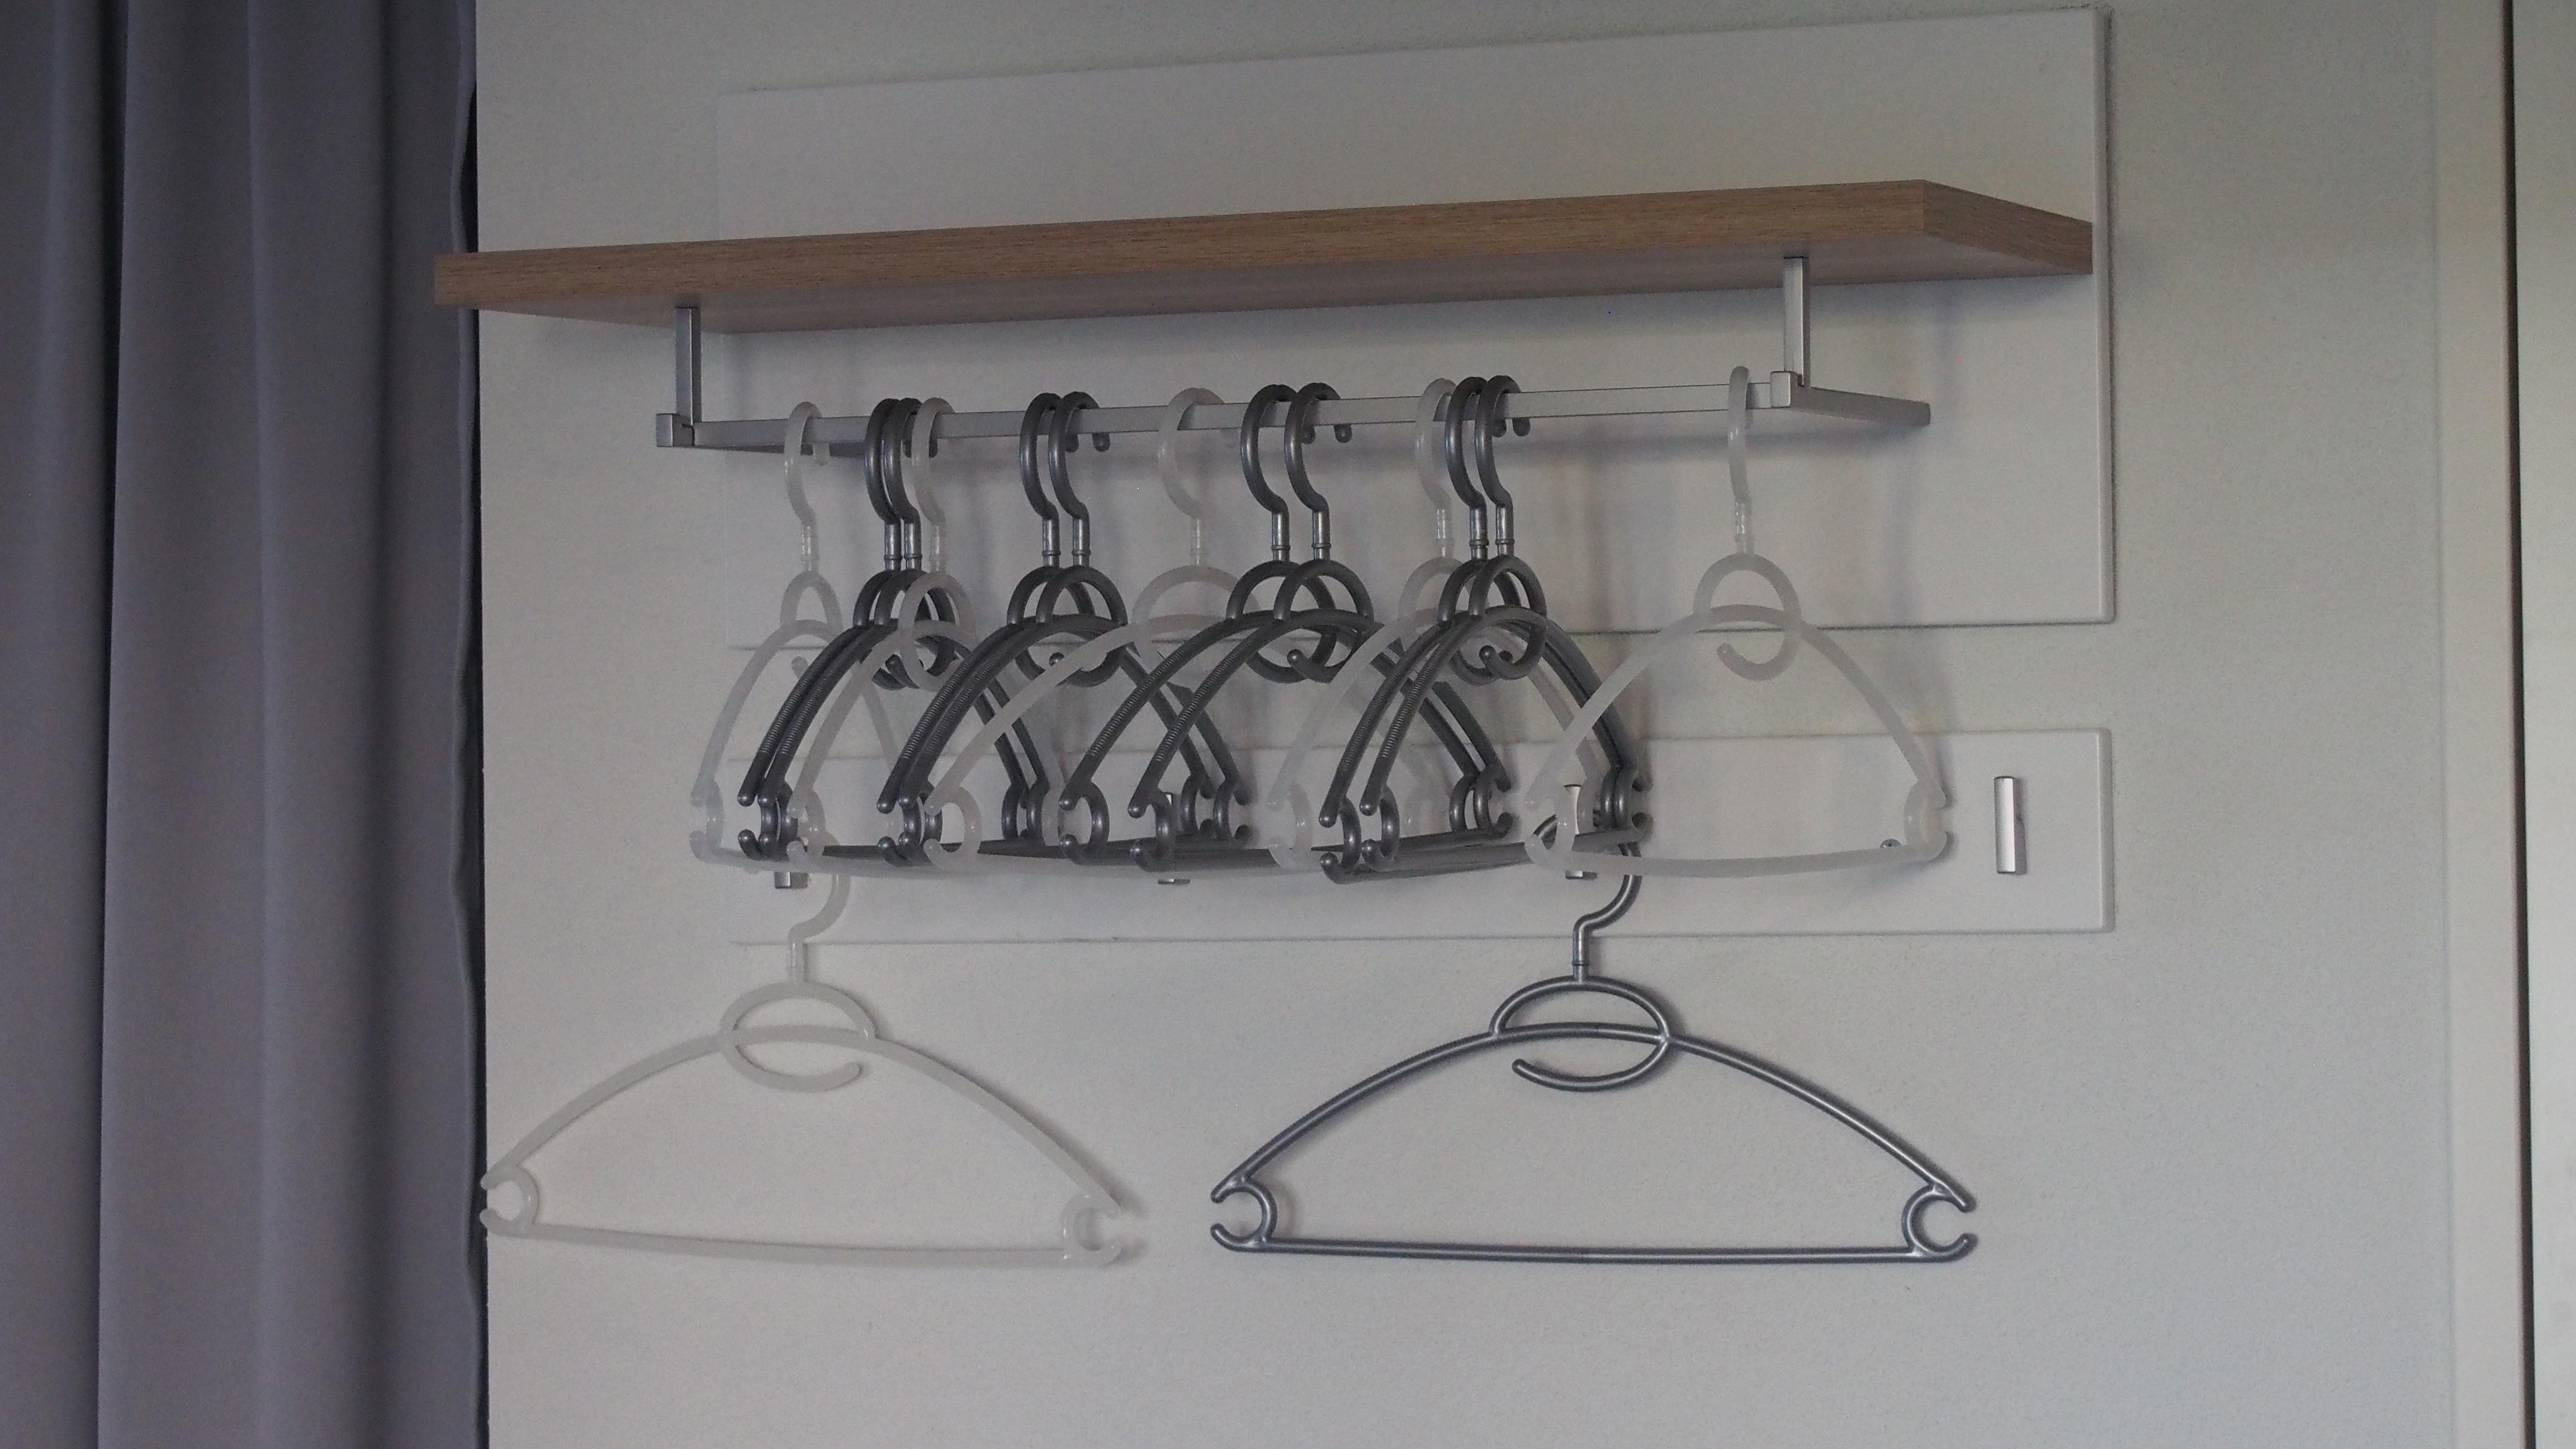 Kleiderbügel im Eingangsbereich